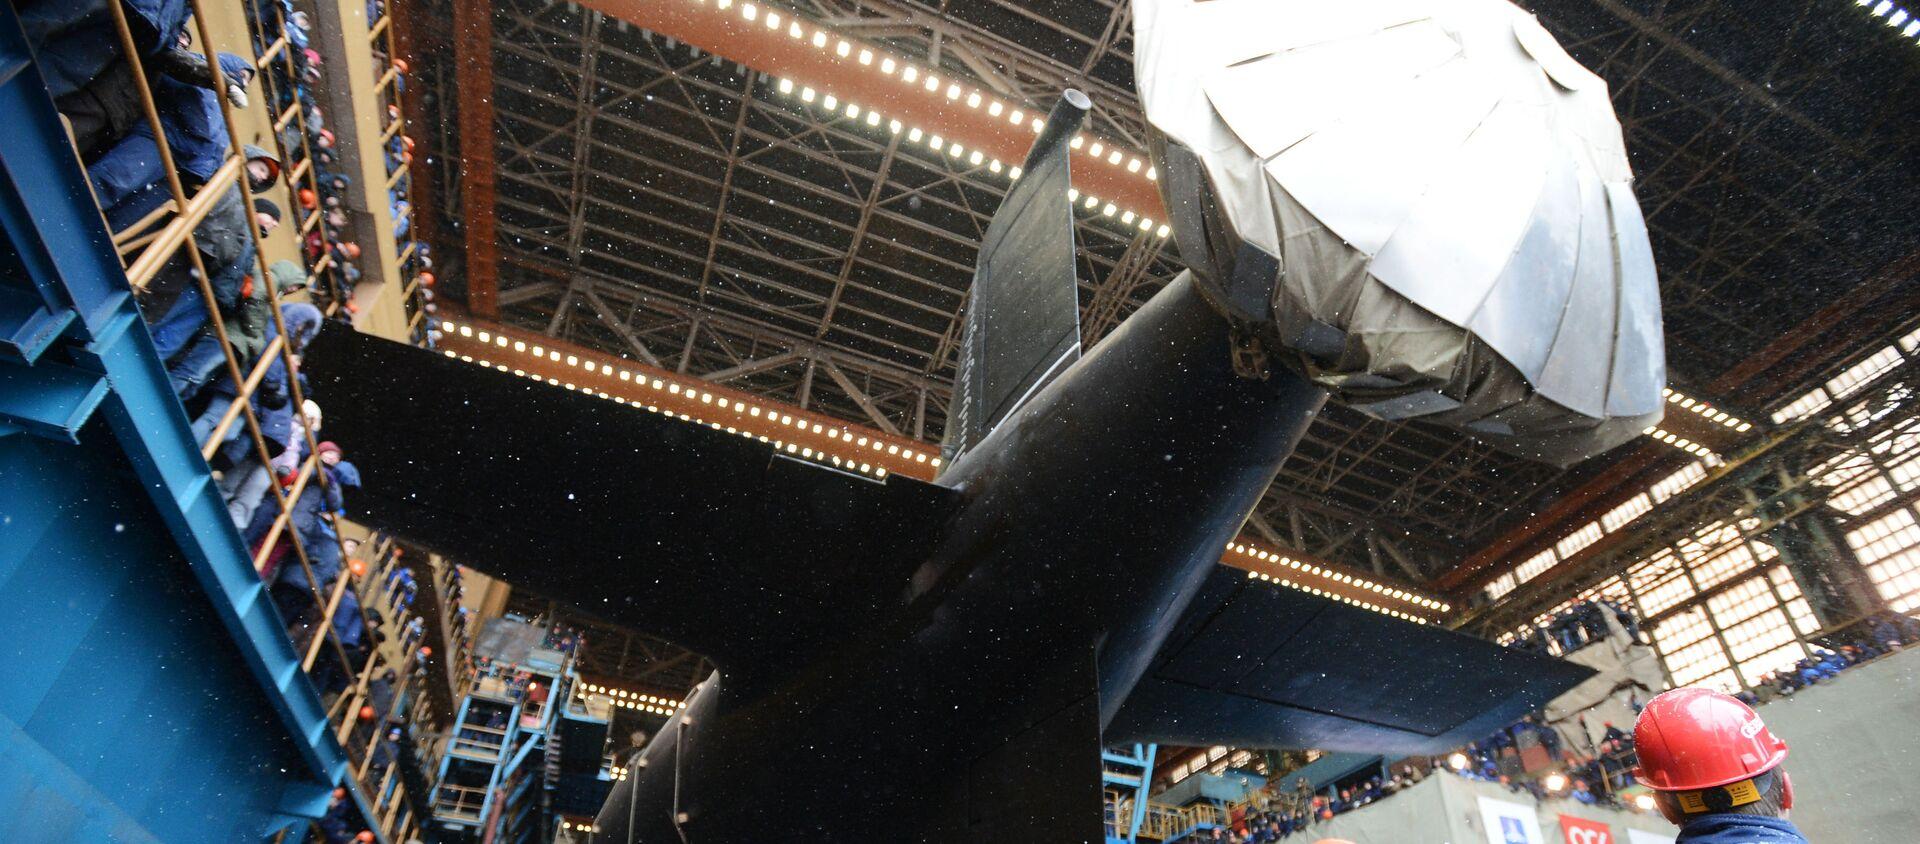 Tàu ngầm năng lượng hạt nhân Kazan của Hải quân Nga trong lễ hạ thủy long trọng tại Severodvinsk. - Sputnik Việt Nam, 1920, 10.06.2021